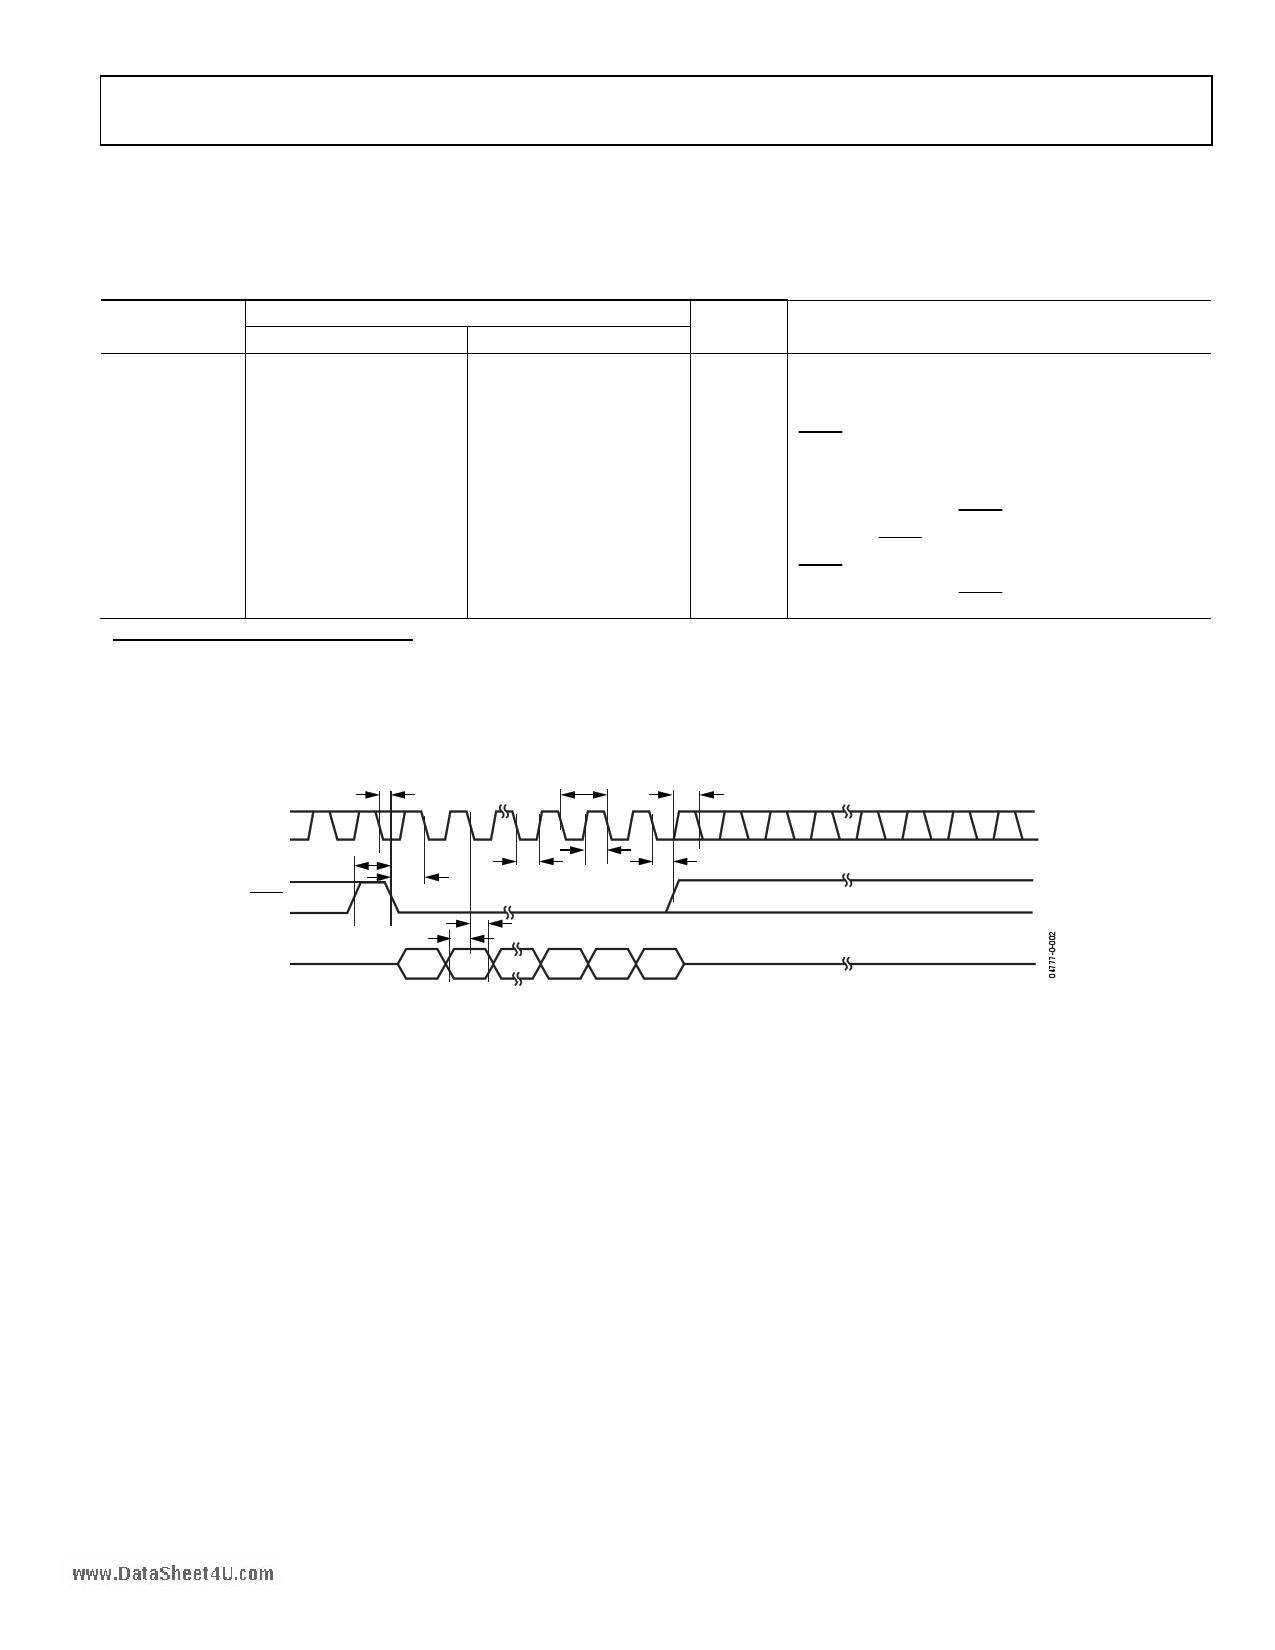 AD5662 pdf